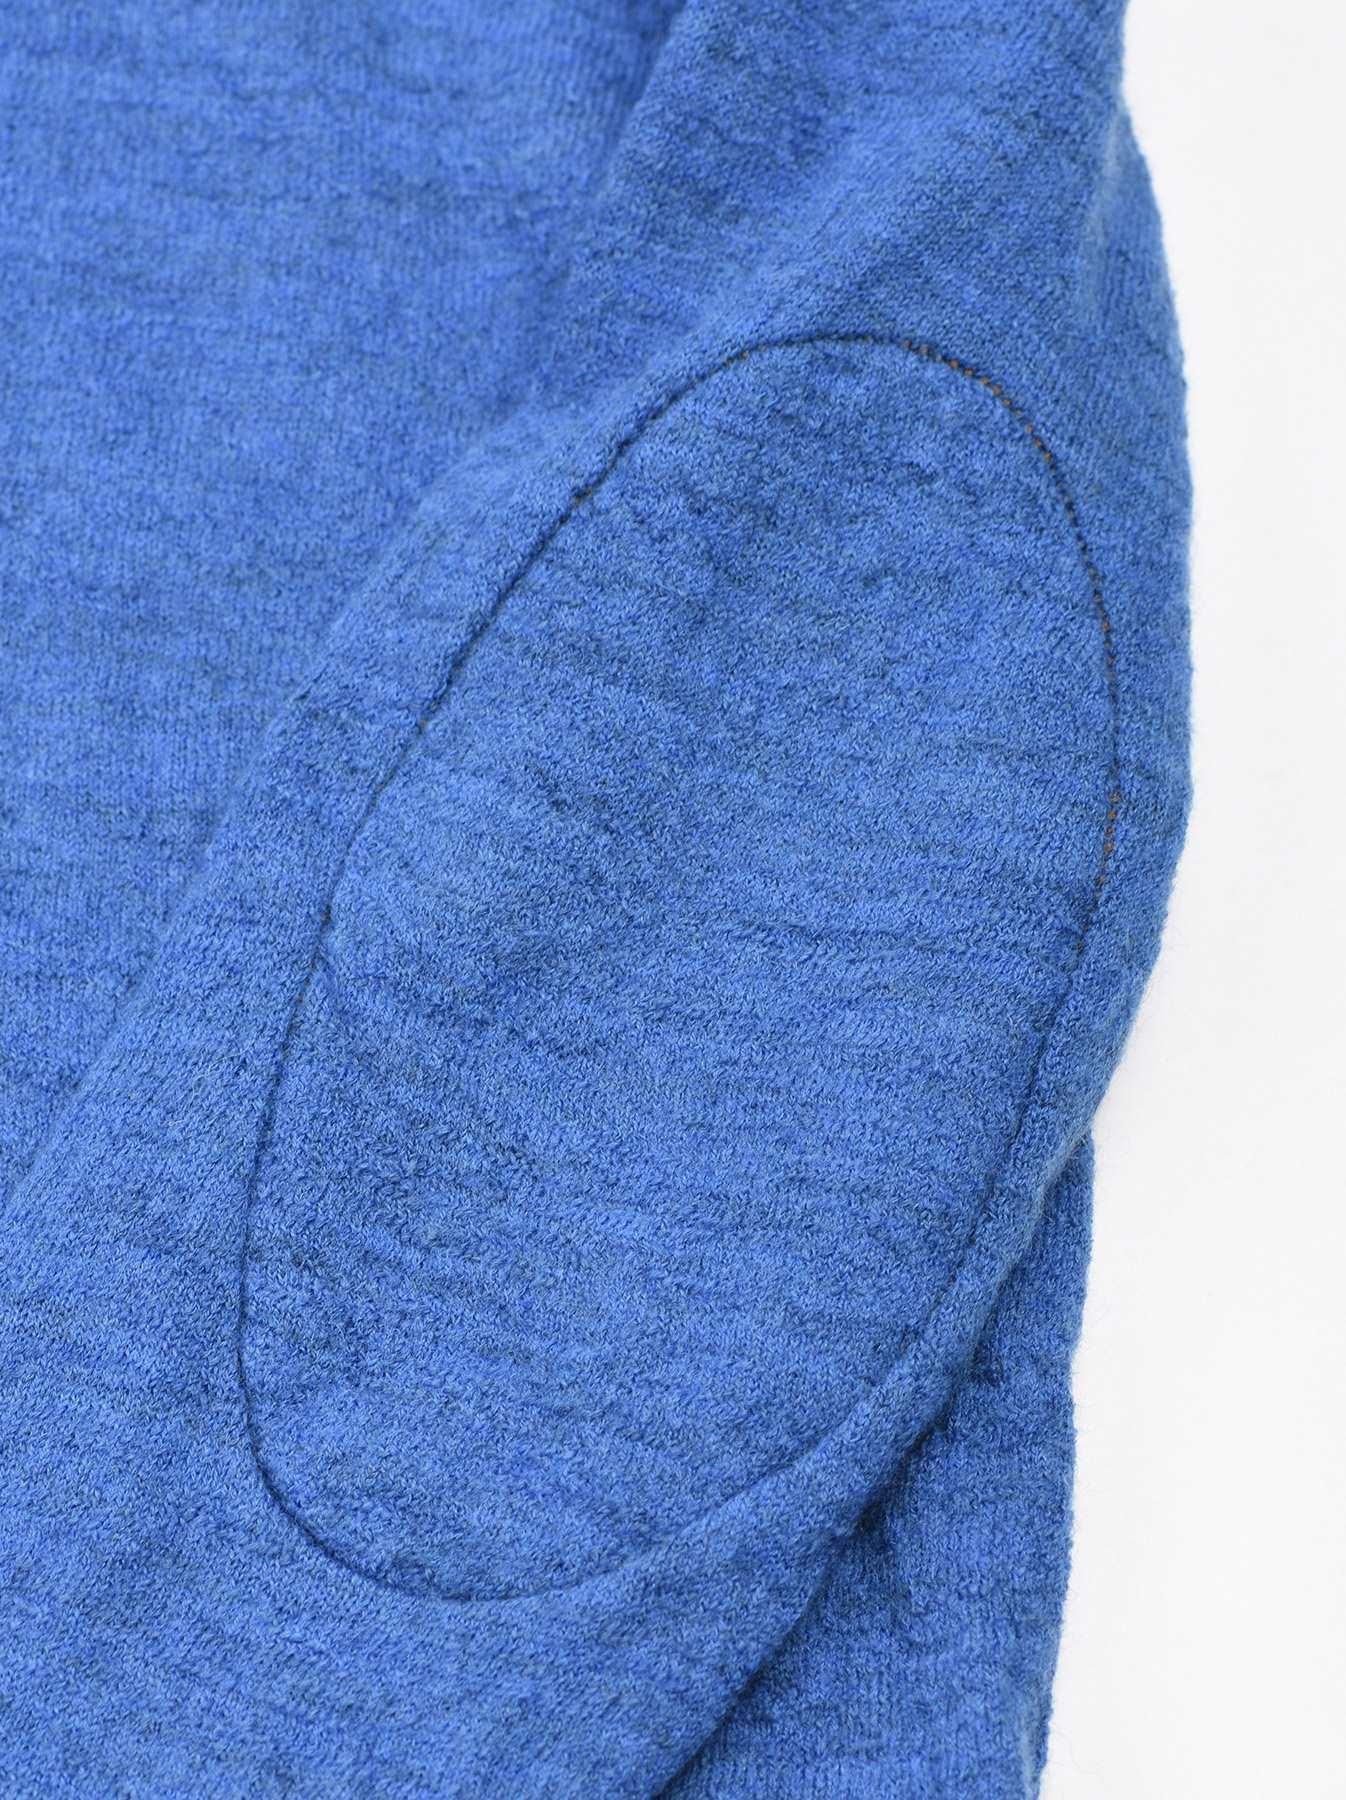 WH Arles Boiled Wool Henley-11